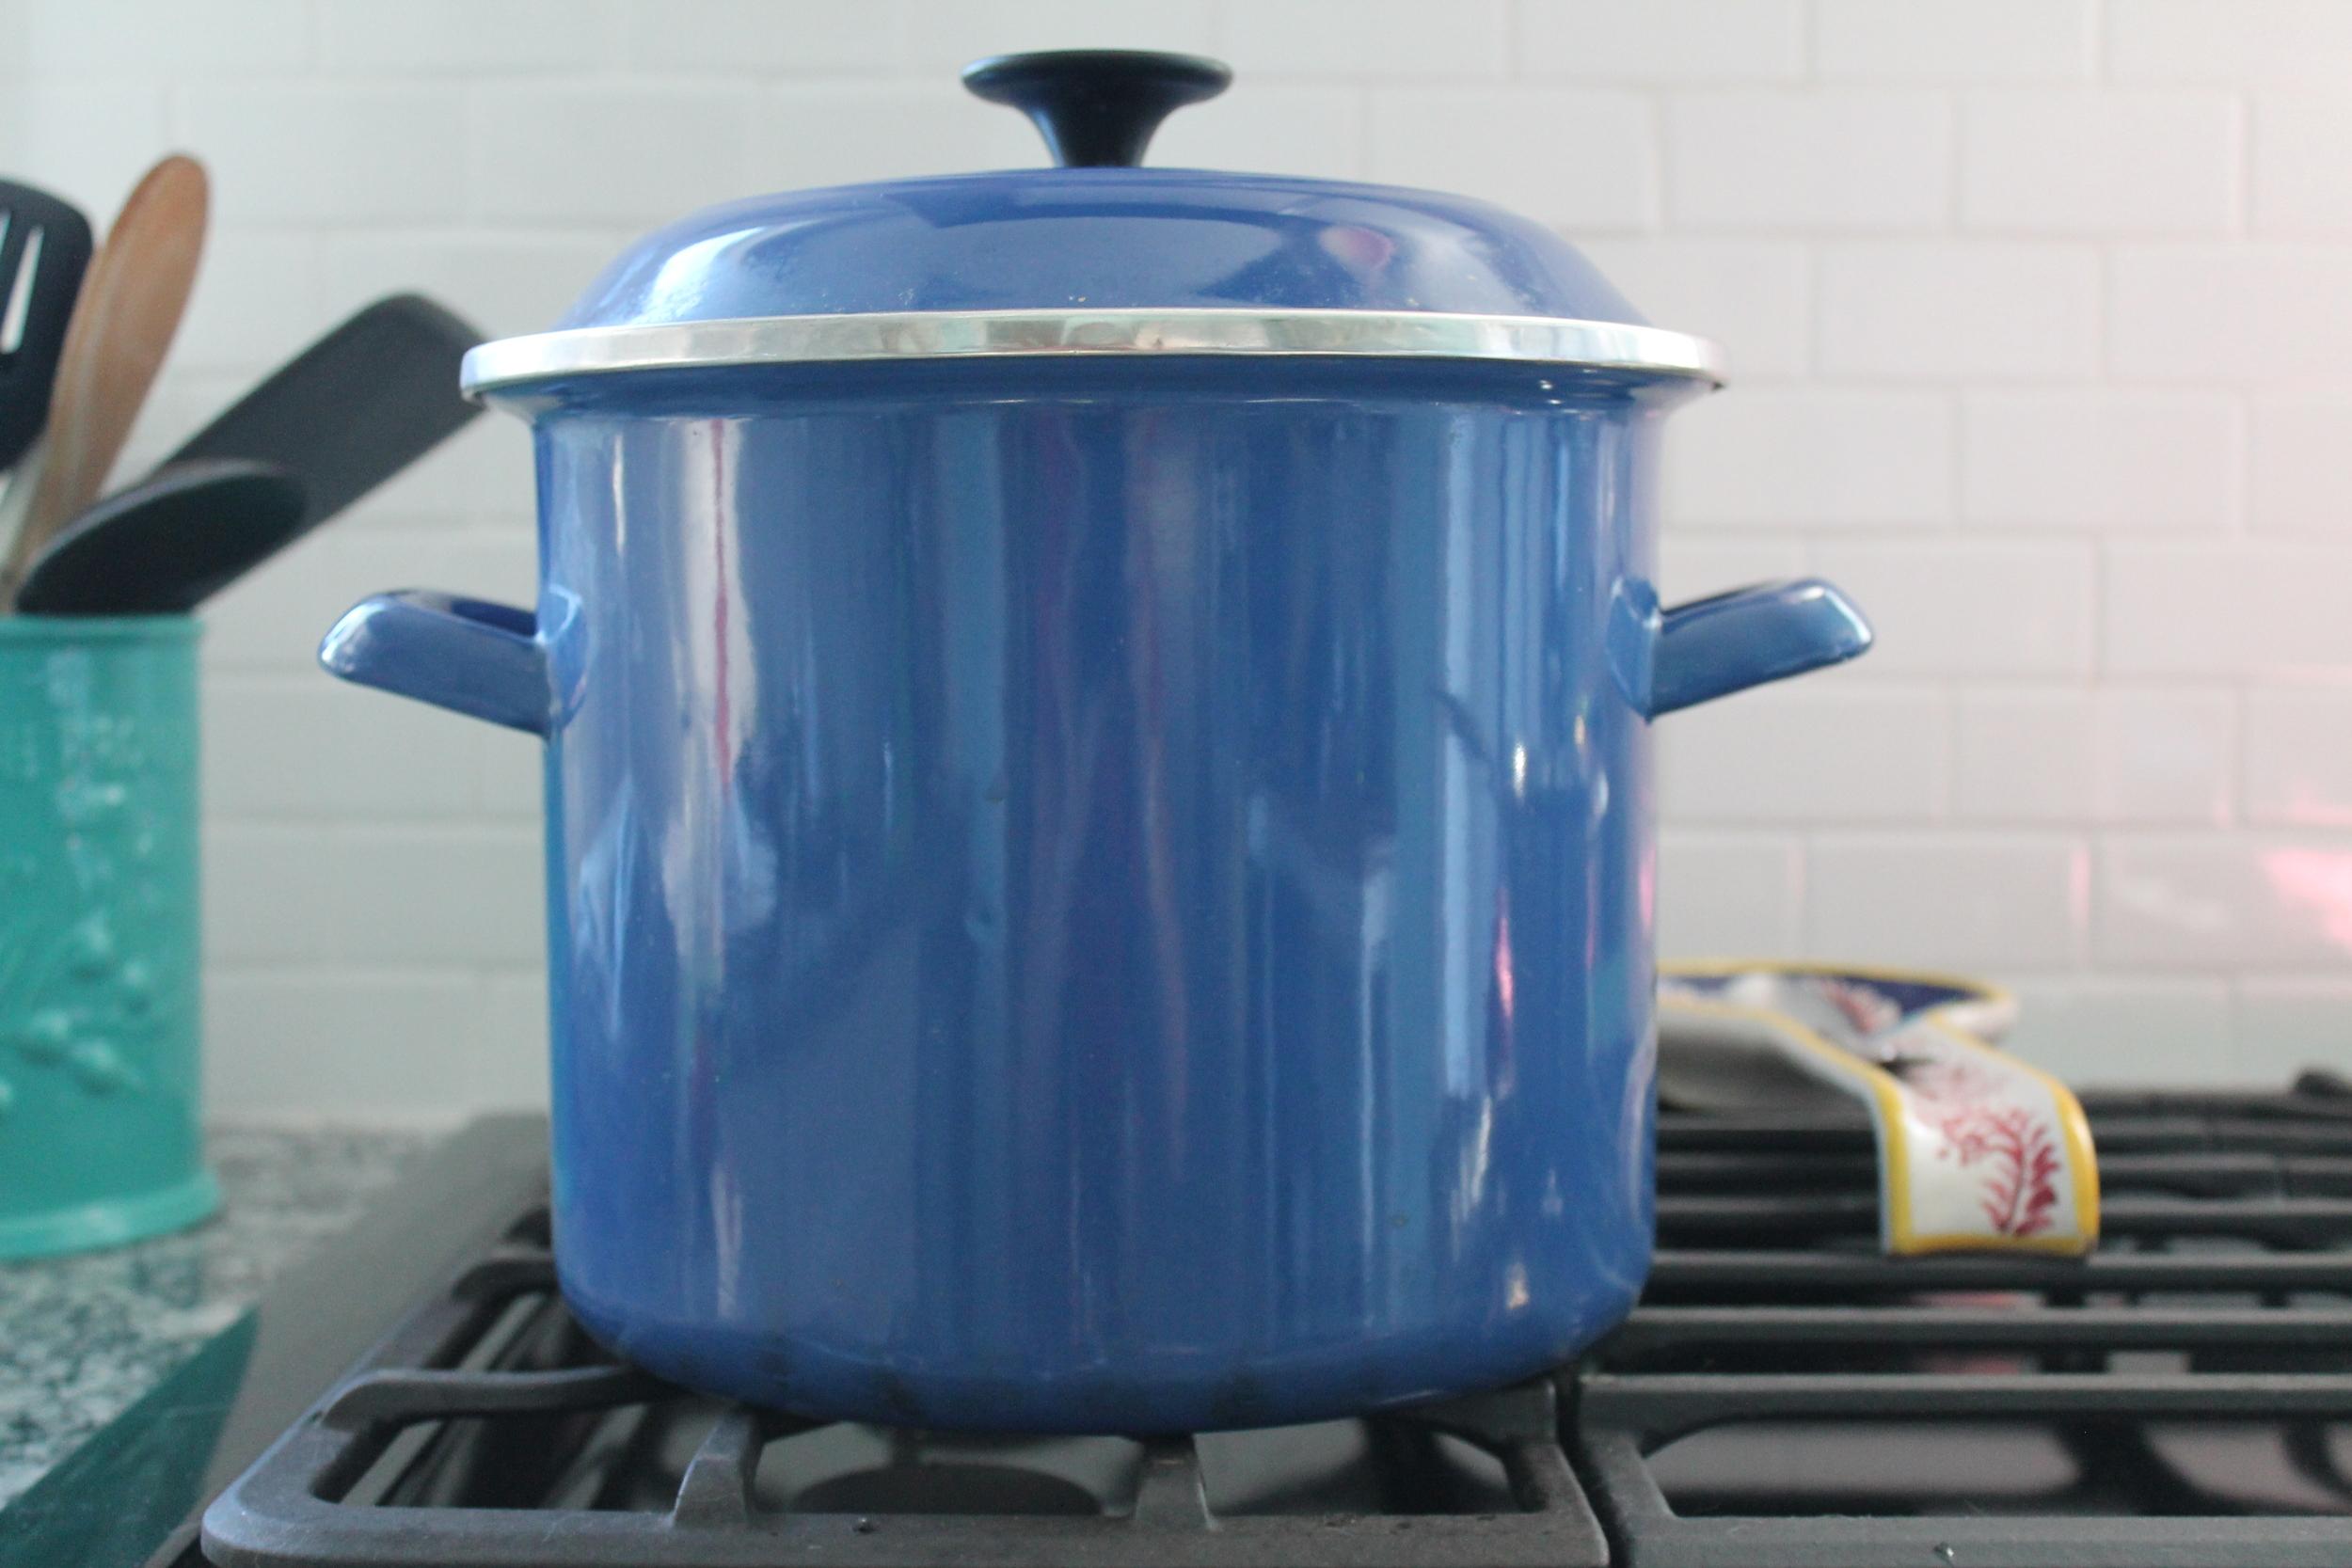 Big-ass pot